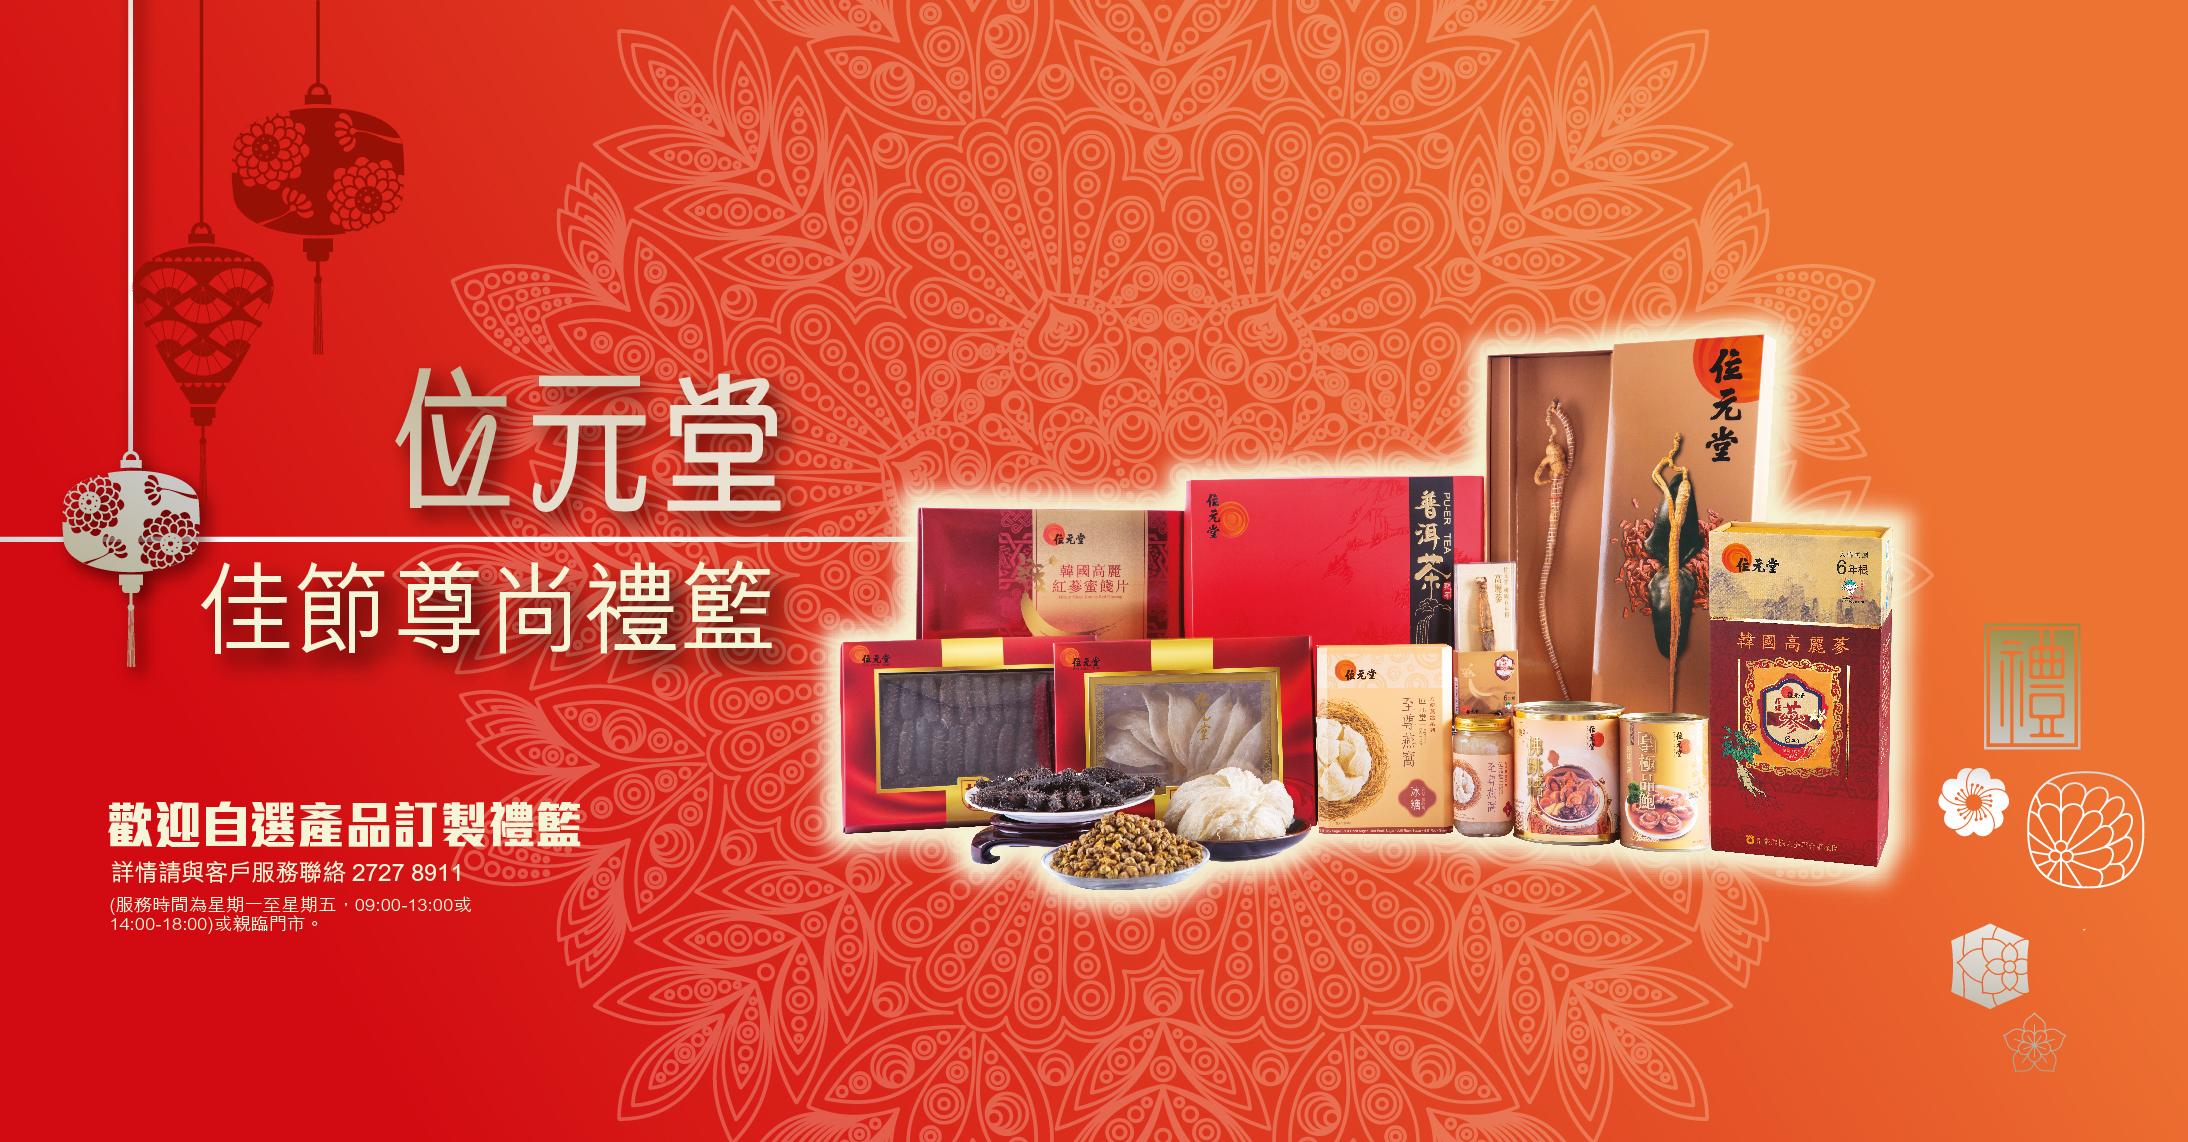 <!--:en-->Wai Yuen Tong Hamper<!--:--><!--:cn-->位堂佳节尊堂礼篮<!--:--><!--:hk-->位元堂佳節尊堂禮籃<!--:-->